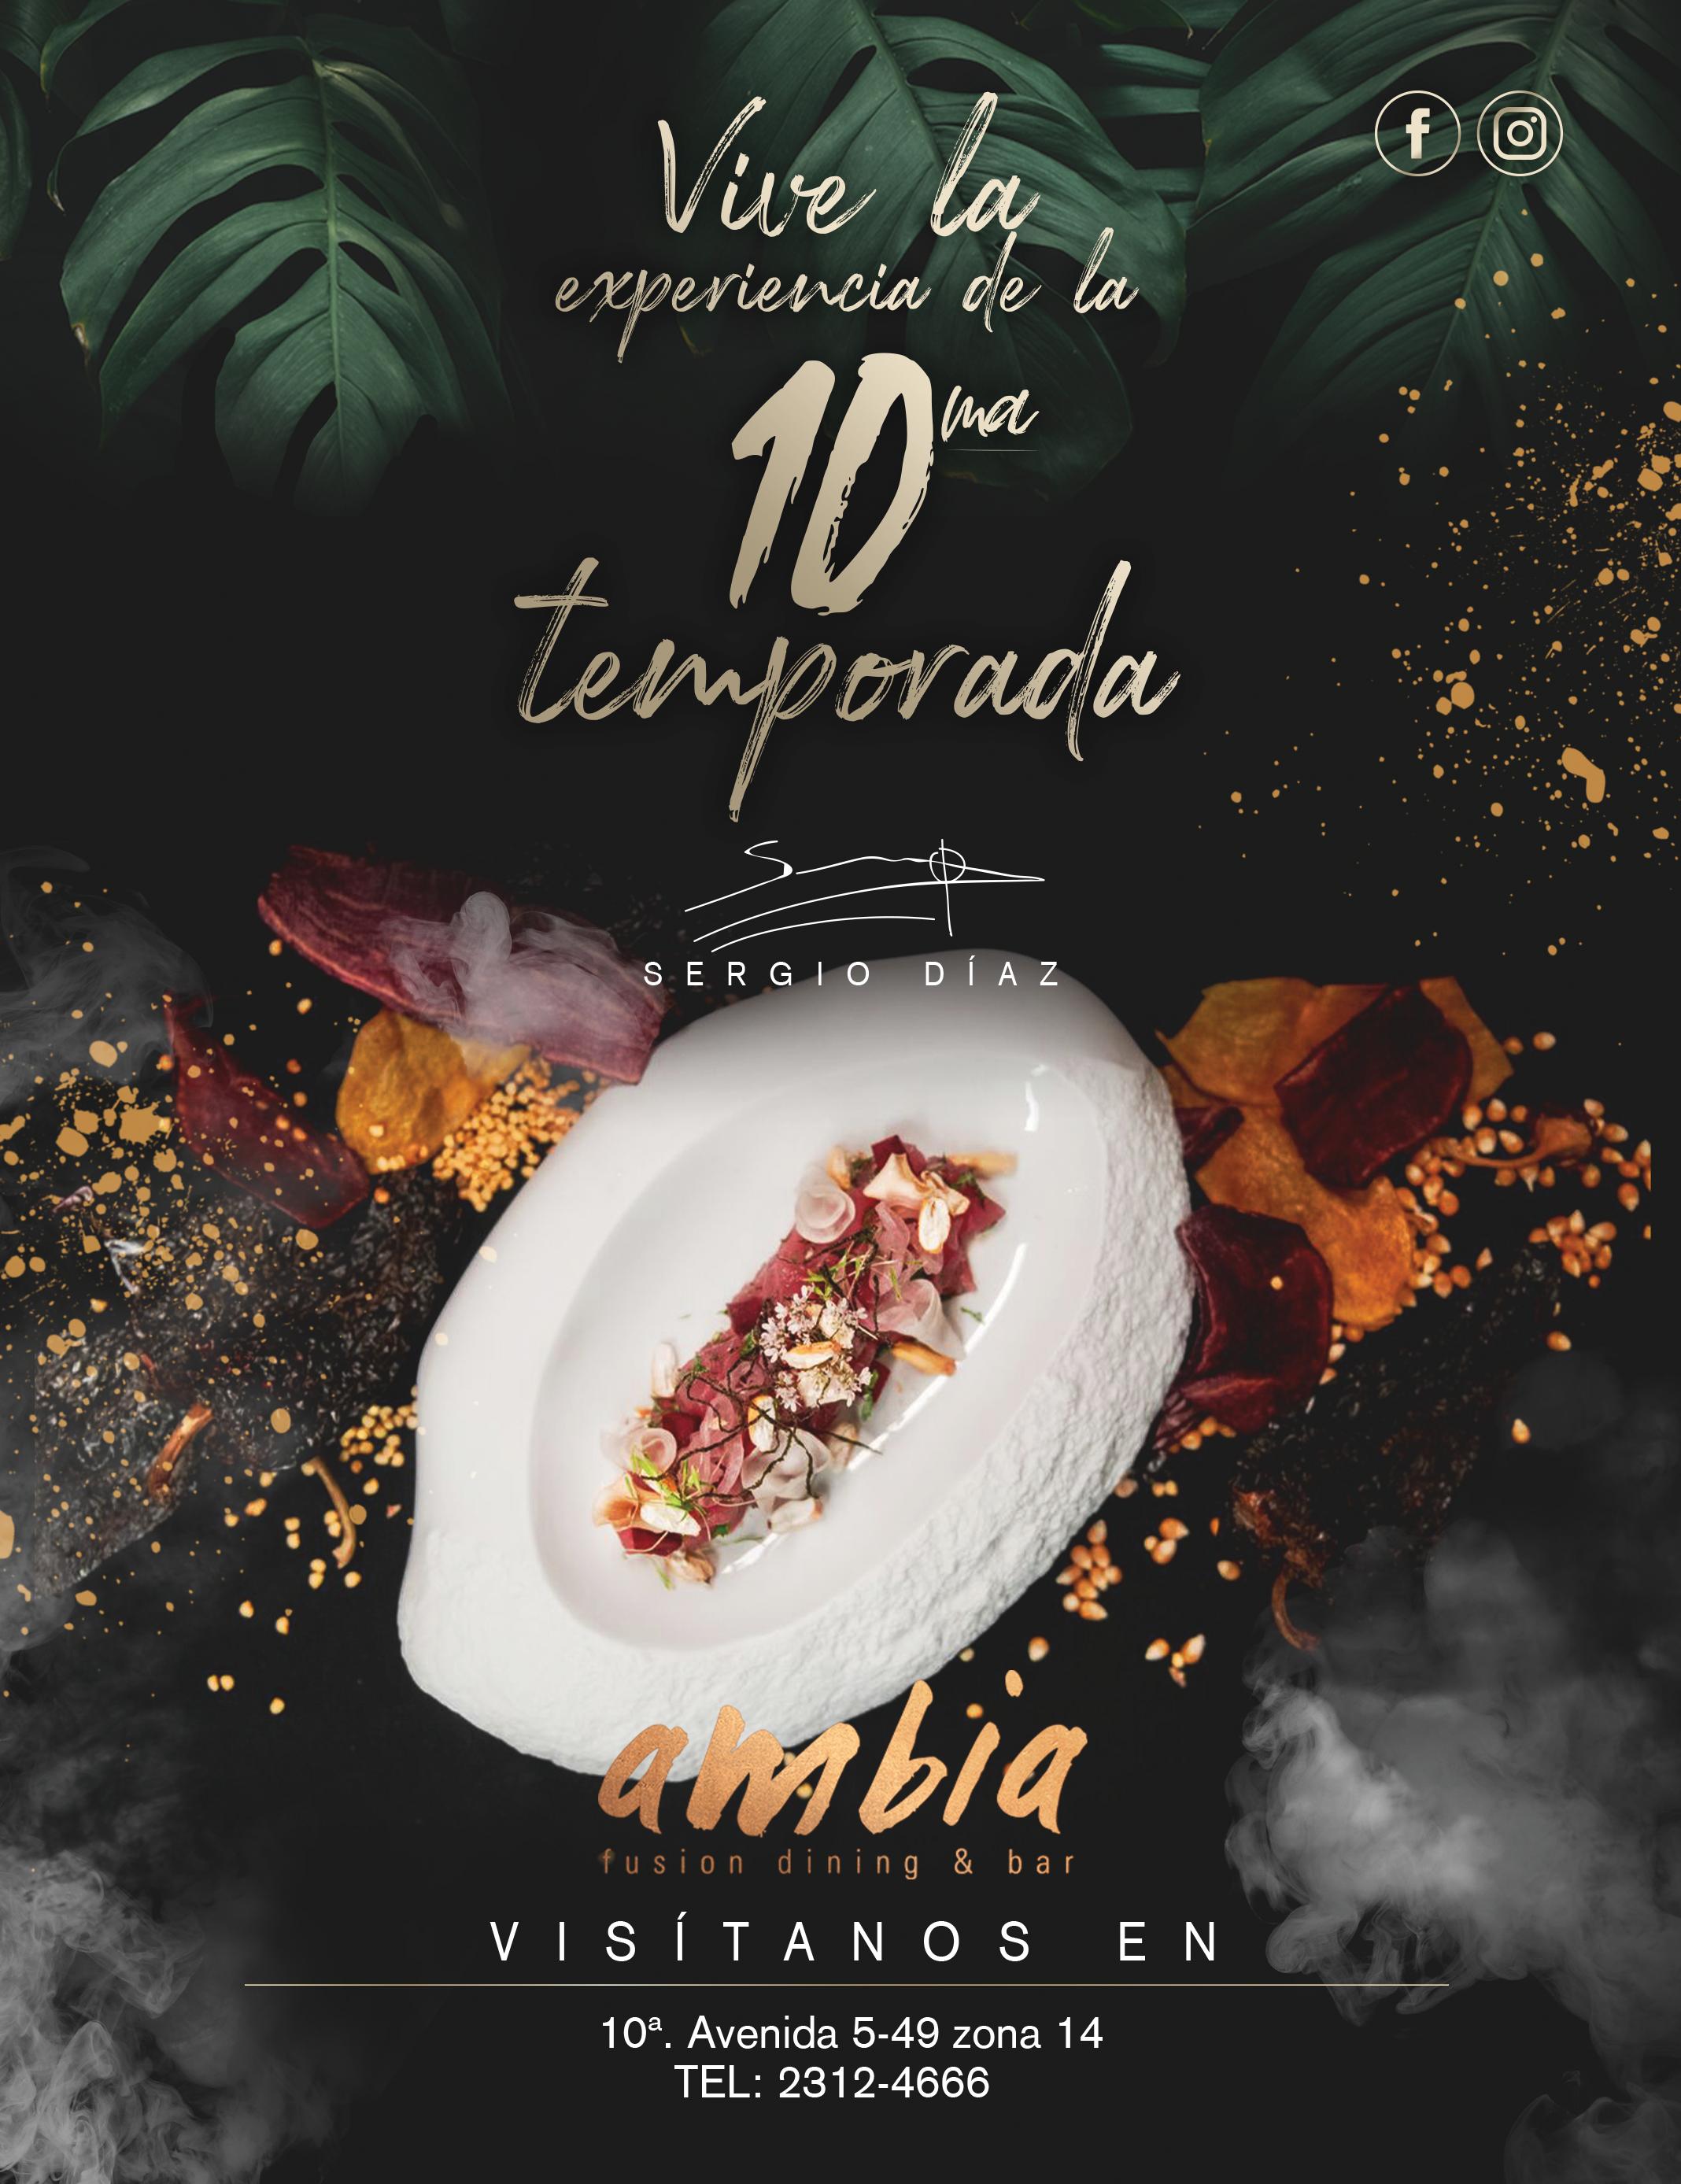 AMBIA_ARTE_REVISTA_v4_FINAL.png